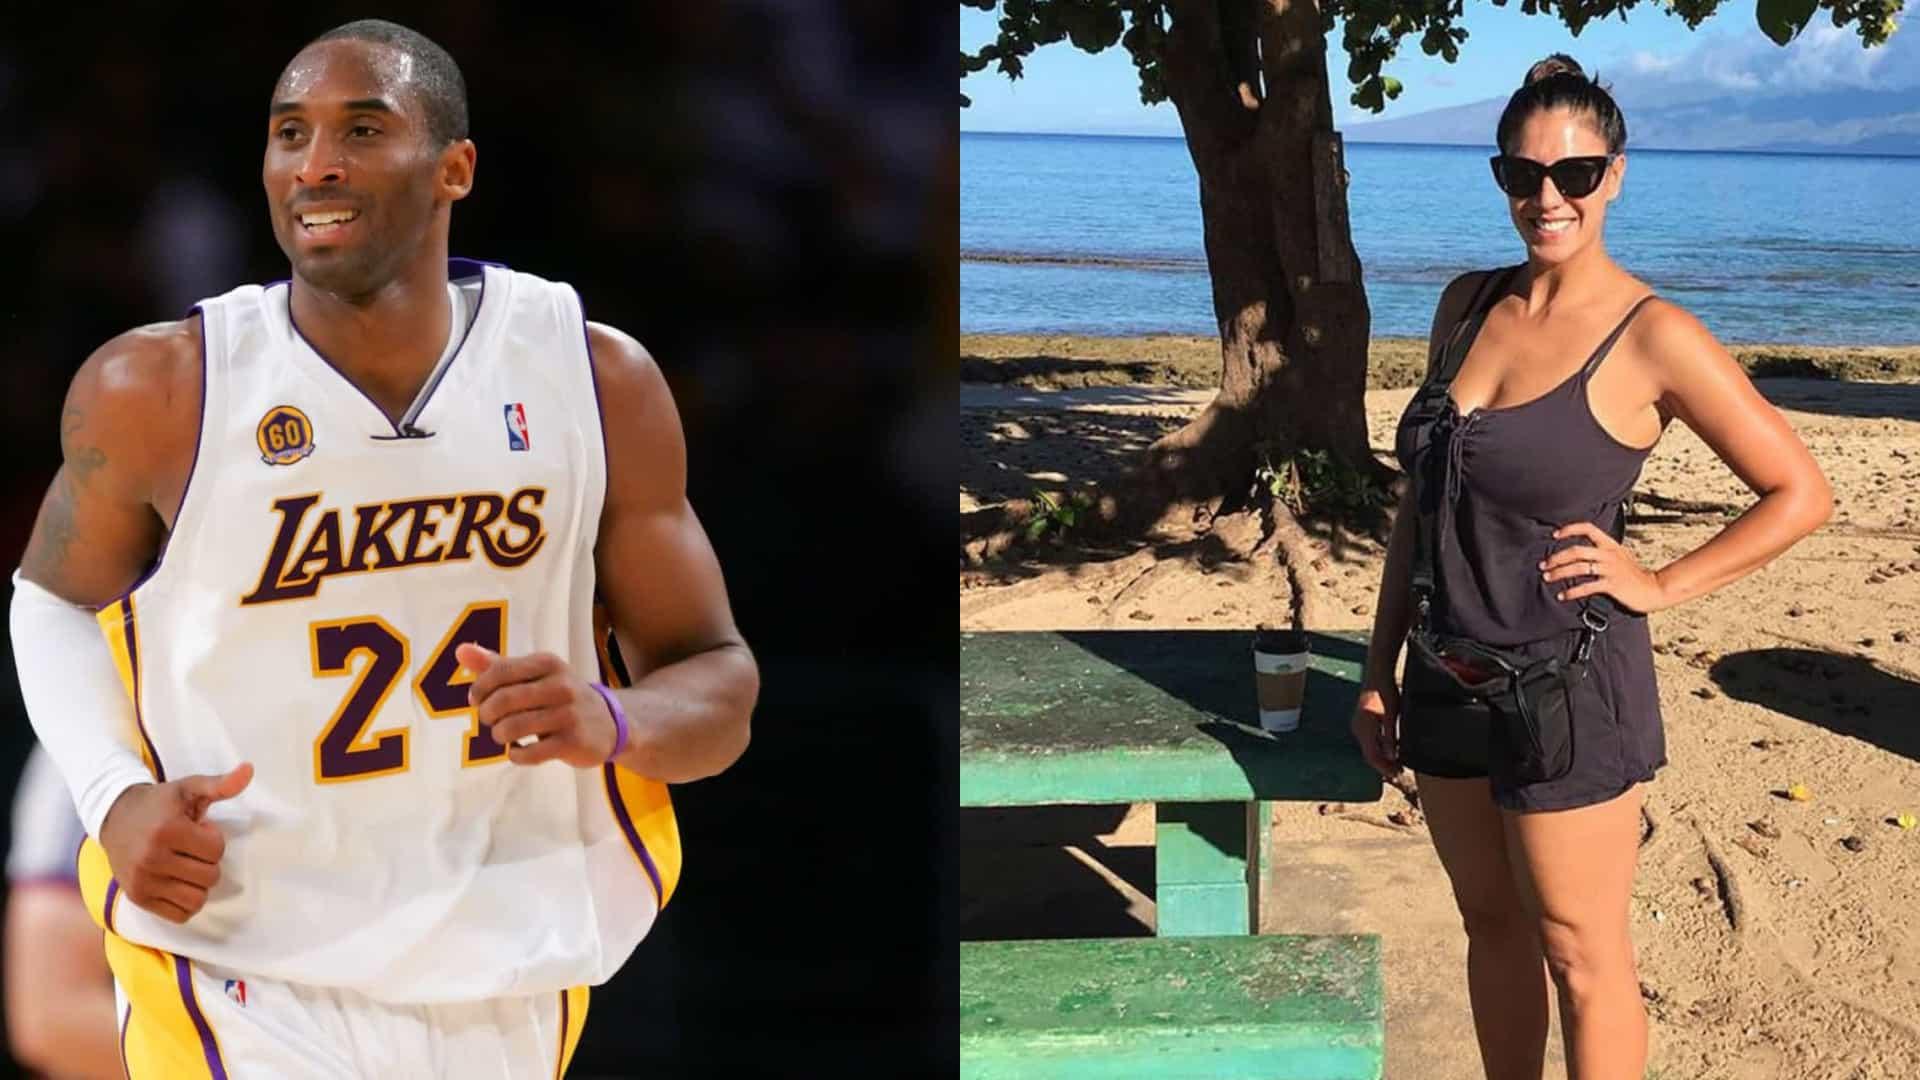 Marido de vítima em acidente de Kobe Bryant quebra o silêncio